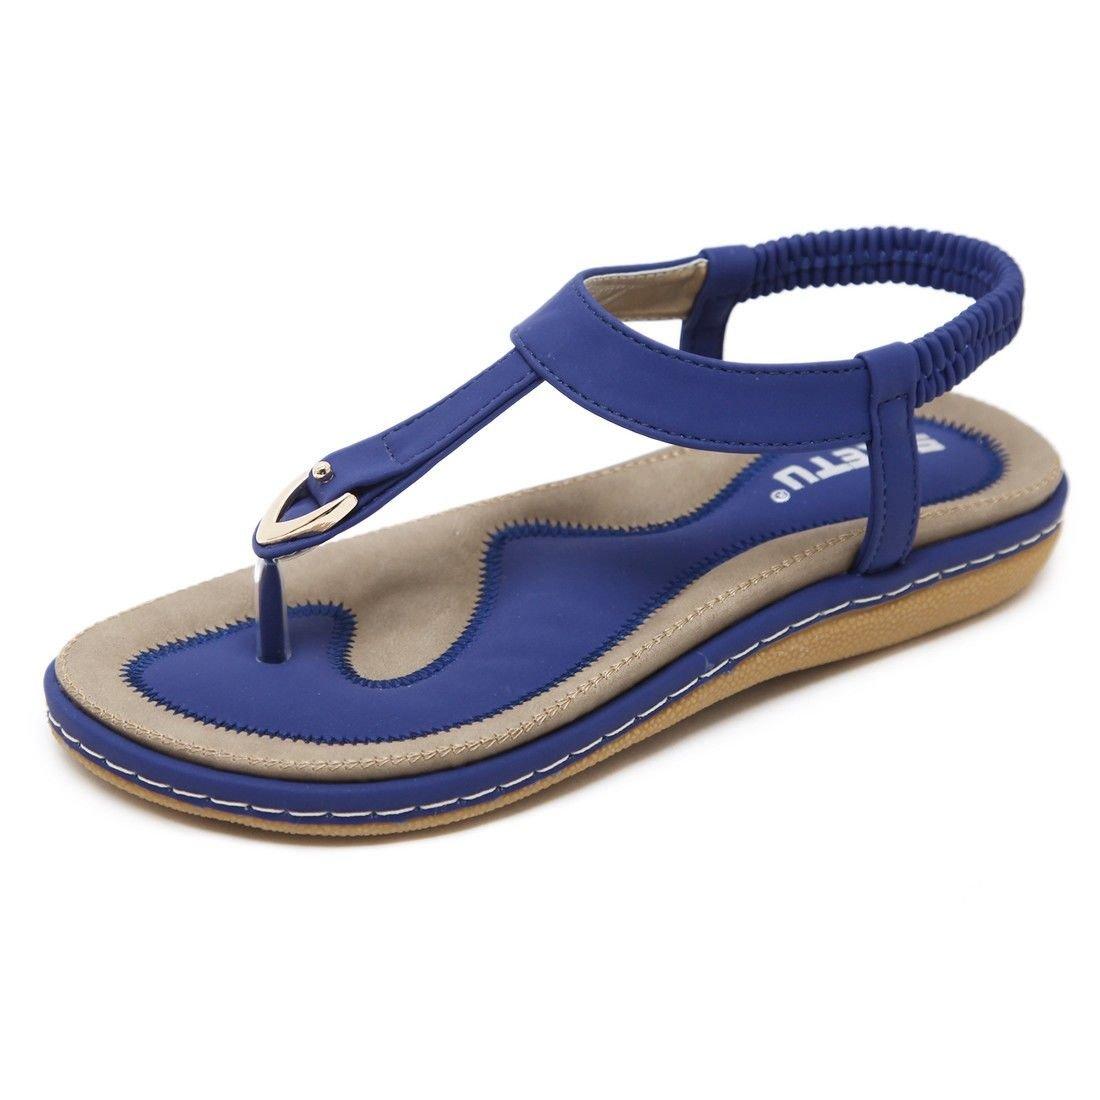 AIKAKA Damenschuhe Fruuml;hling Sommer Groszlig;e Student Studded Flachen Sandalen  36 EU|Blue